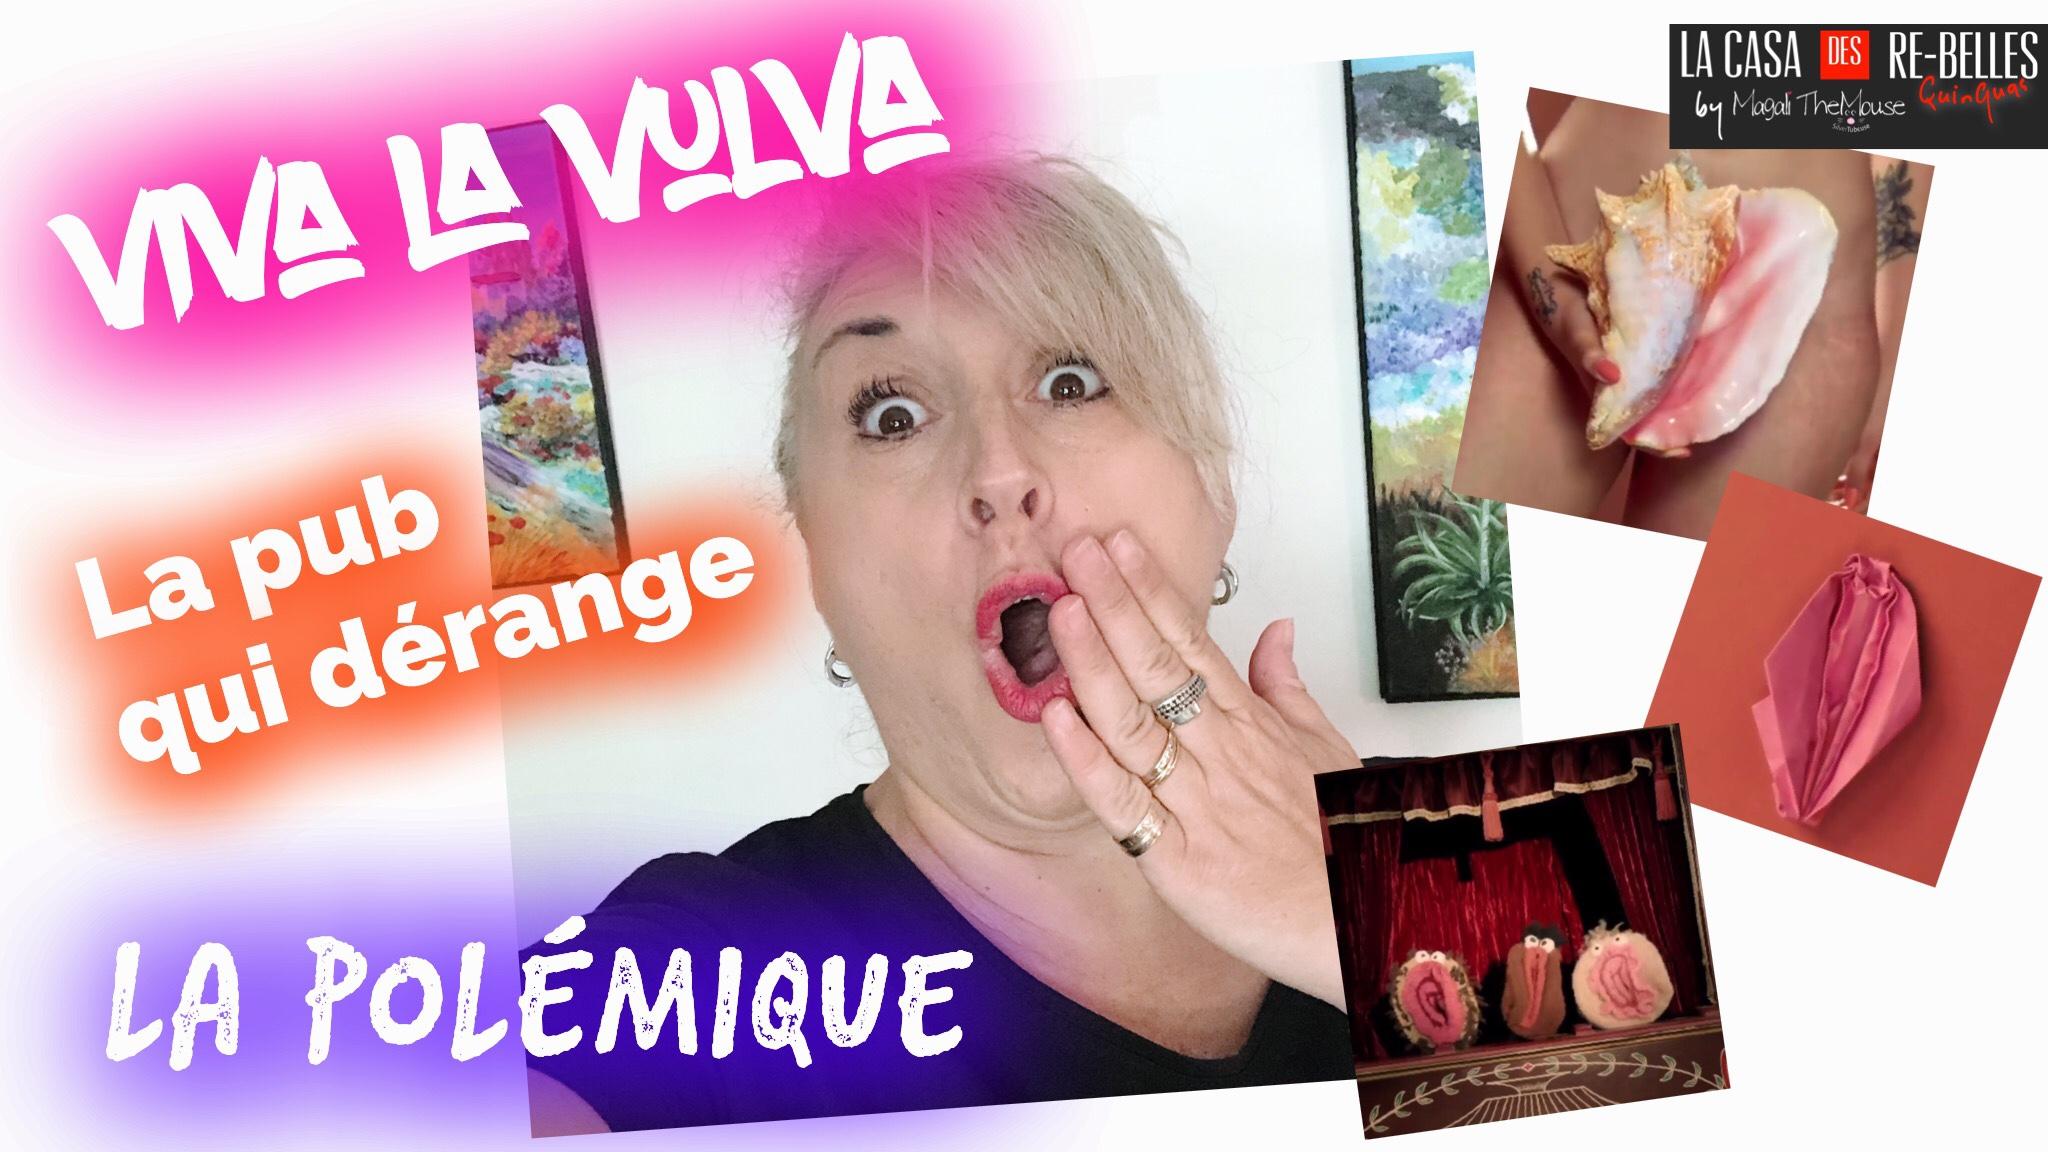 La pub qui choque: Nana, viva la vulva… Et vous? Choquée?